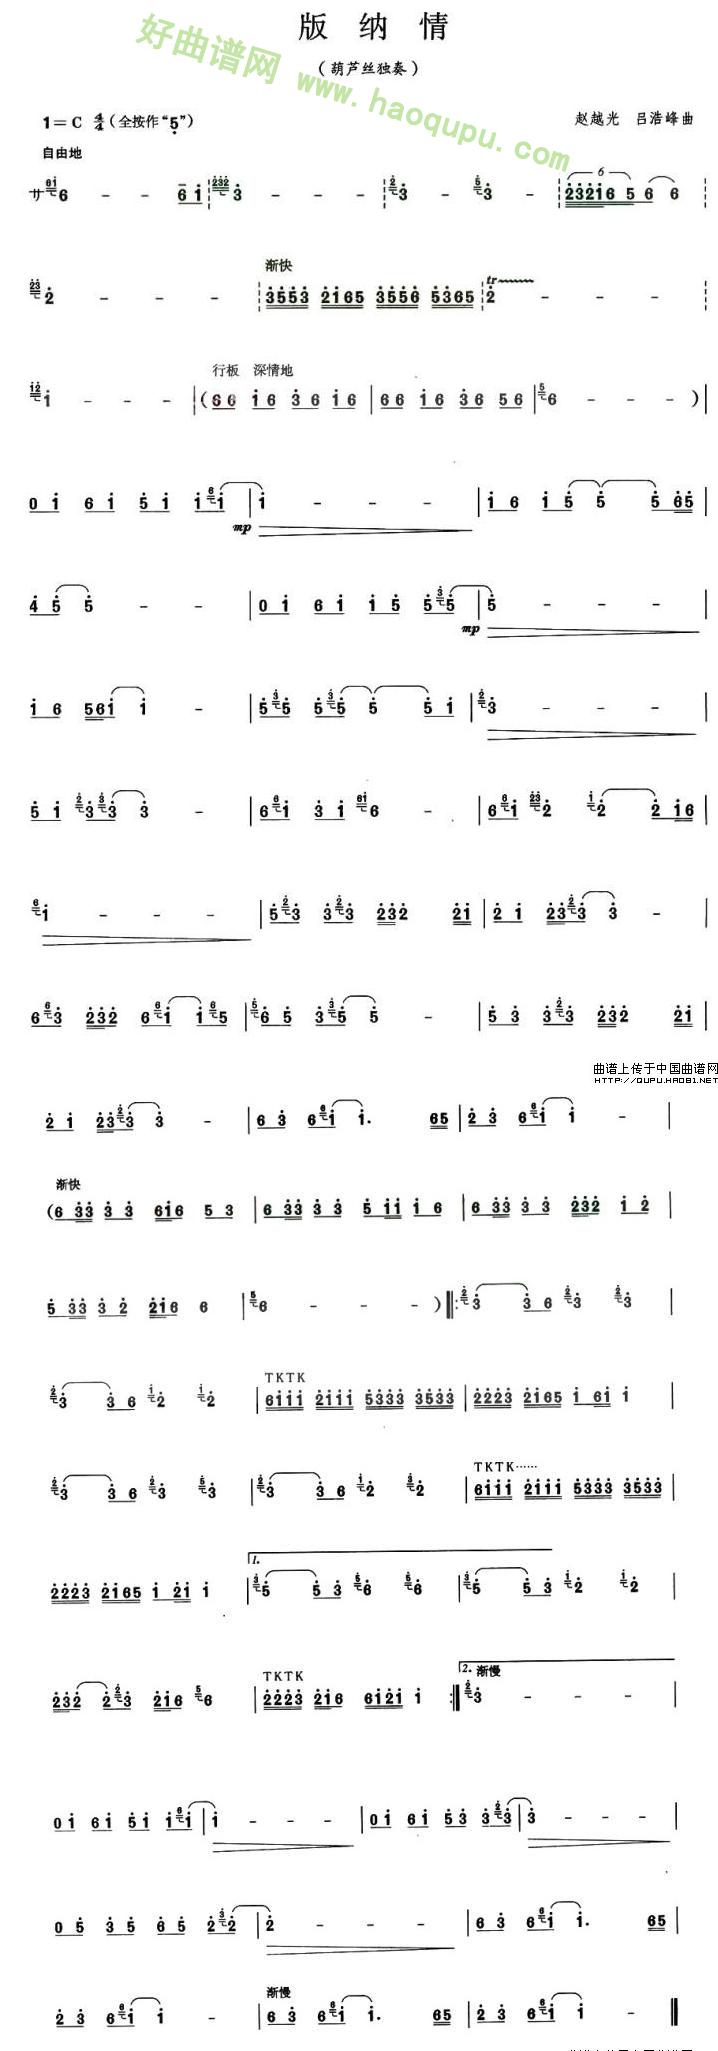 《版纳情》 葫芦丝曲谱第1张